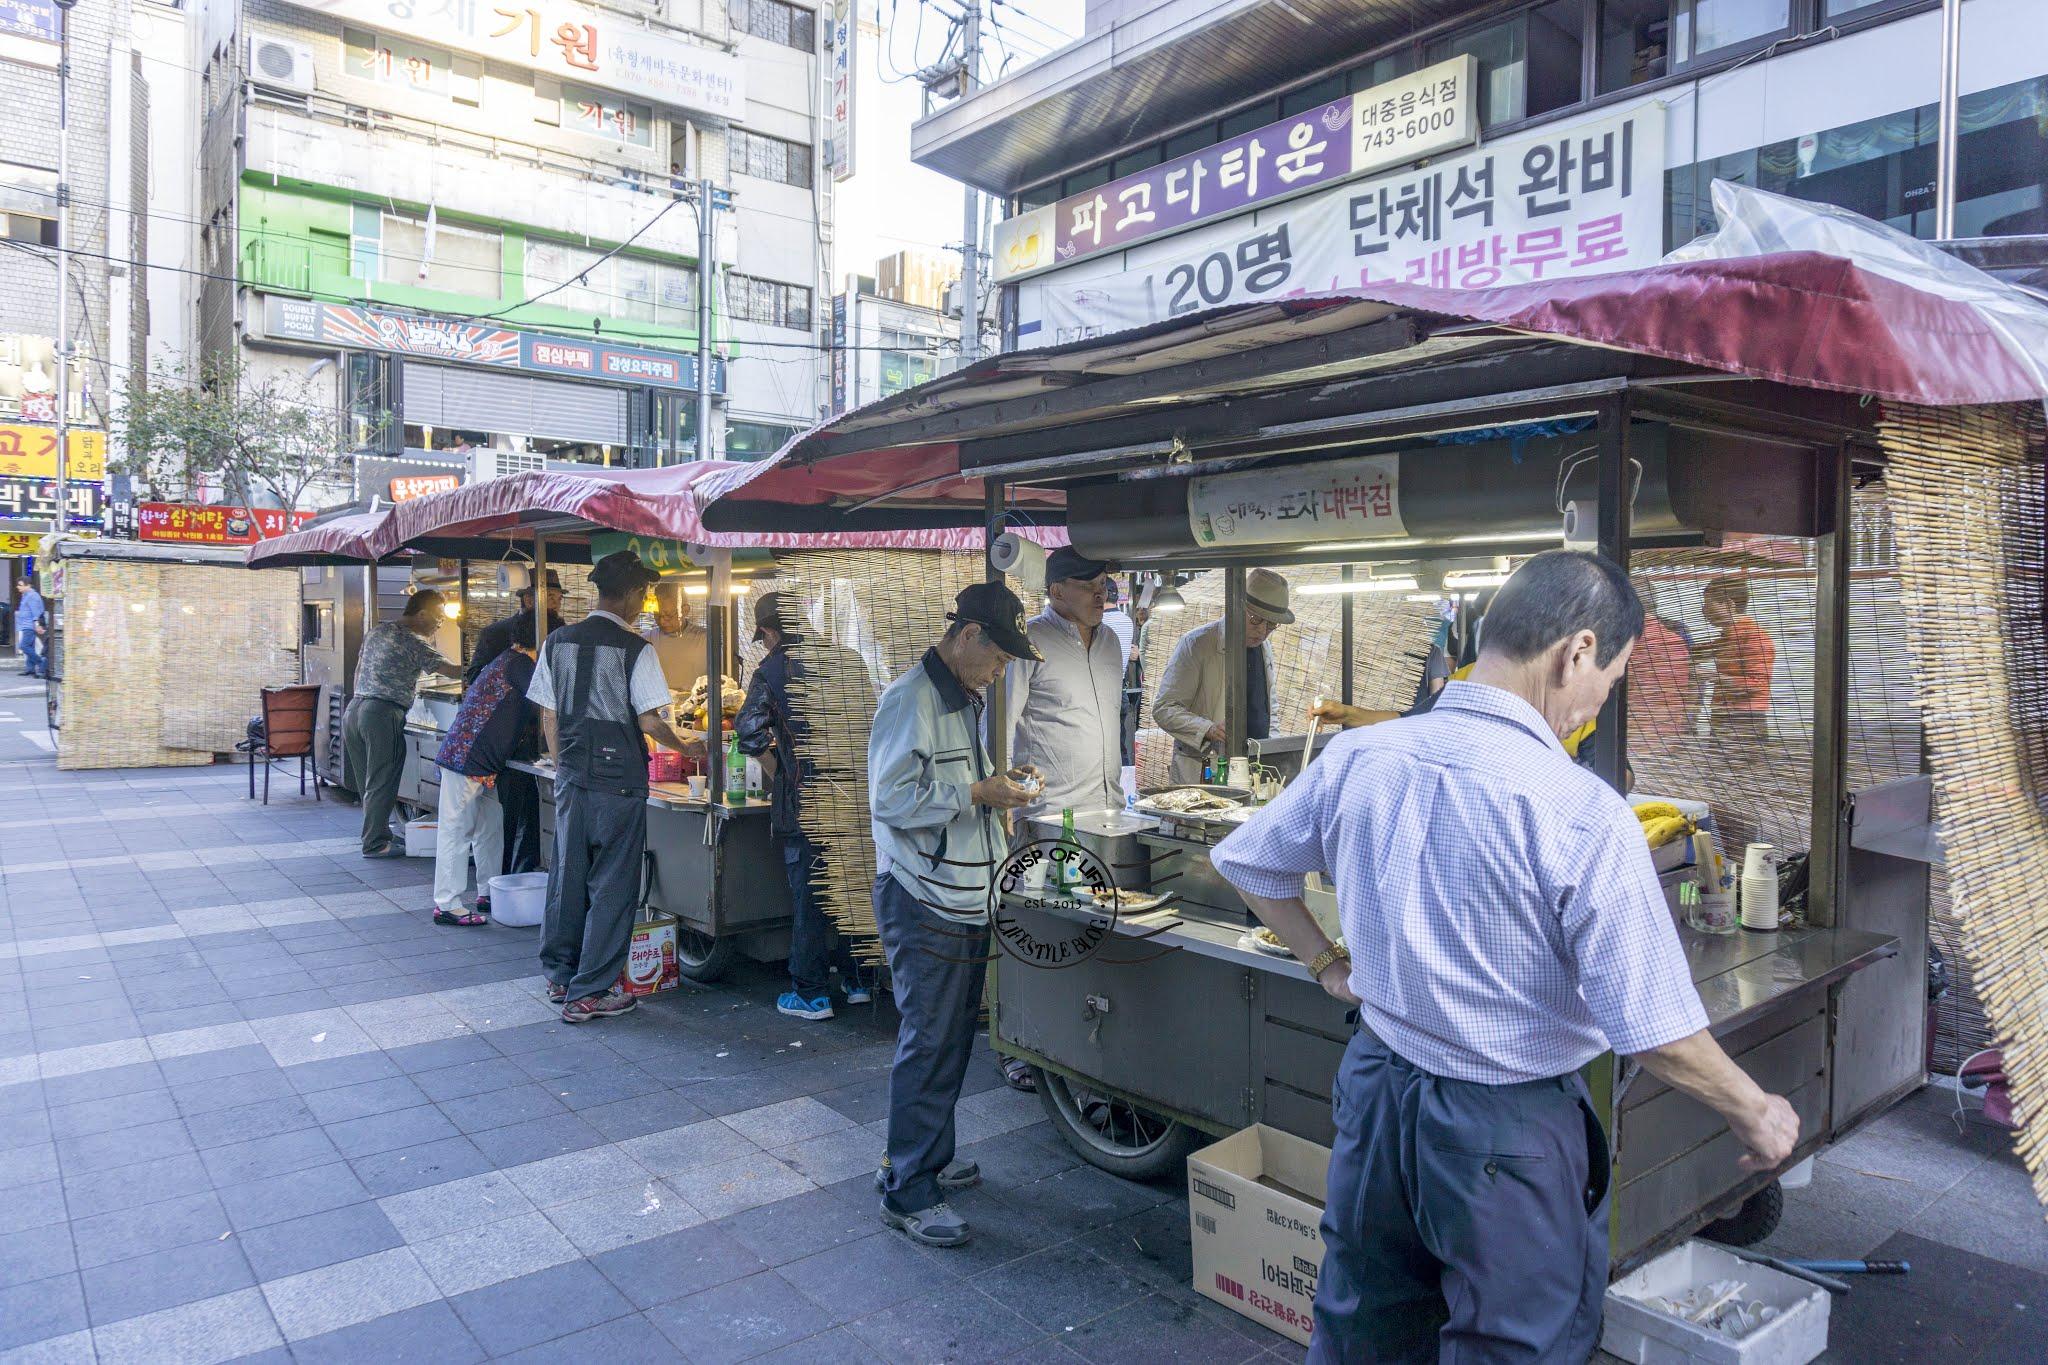 Bukchon Hanok Village, Insa-dong & Baengnyeon Samgyetang @ Seoul, South Korea